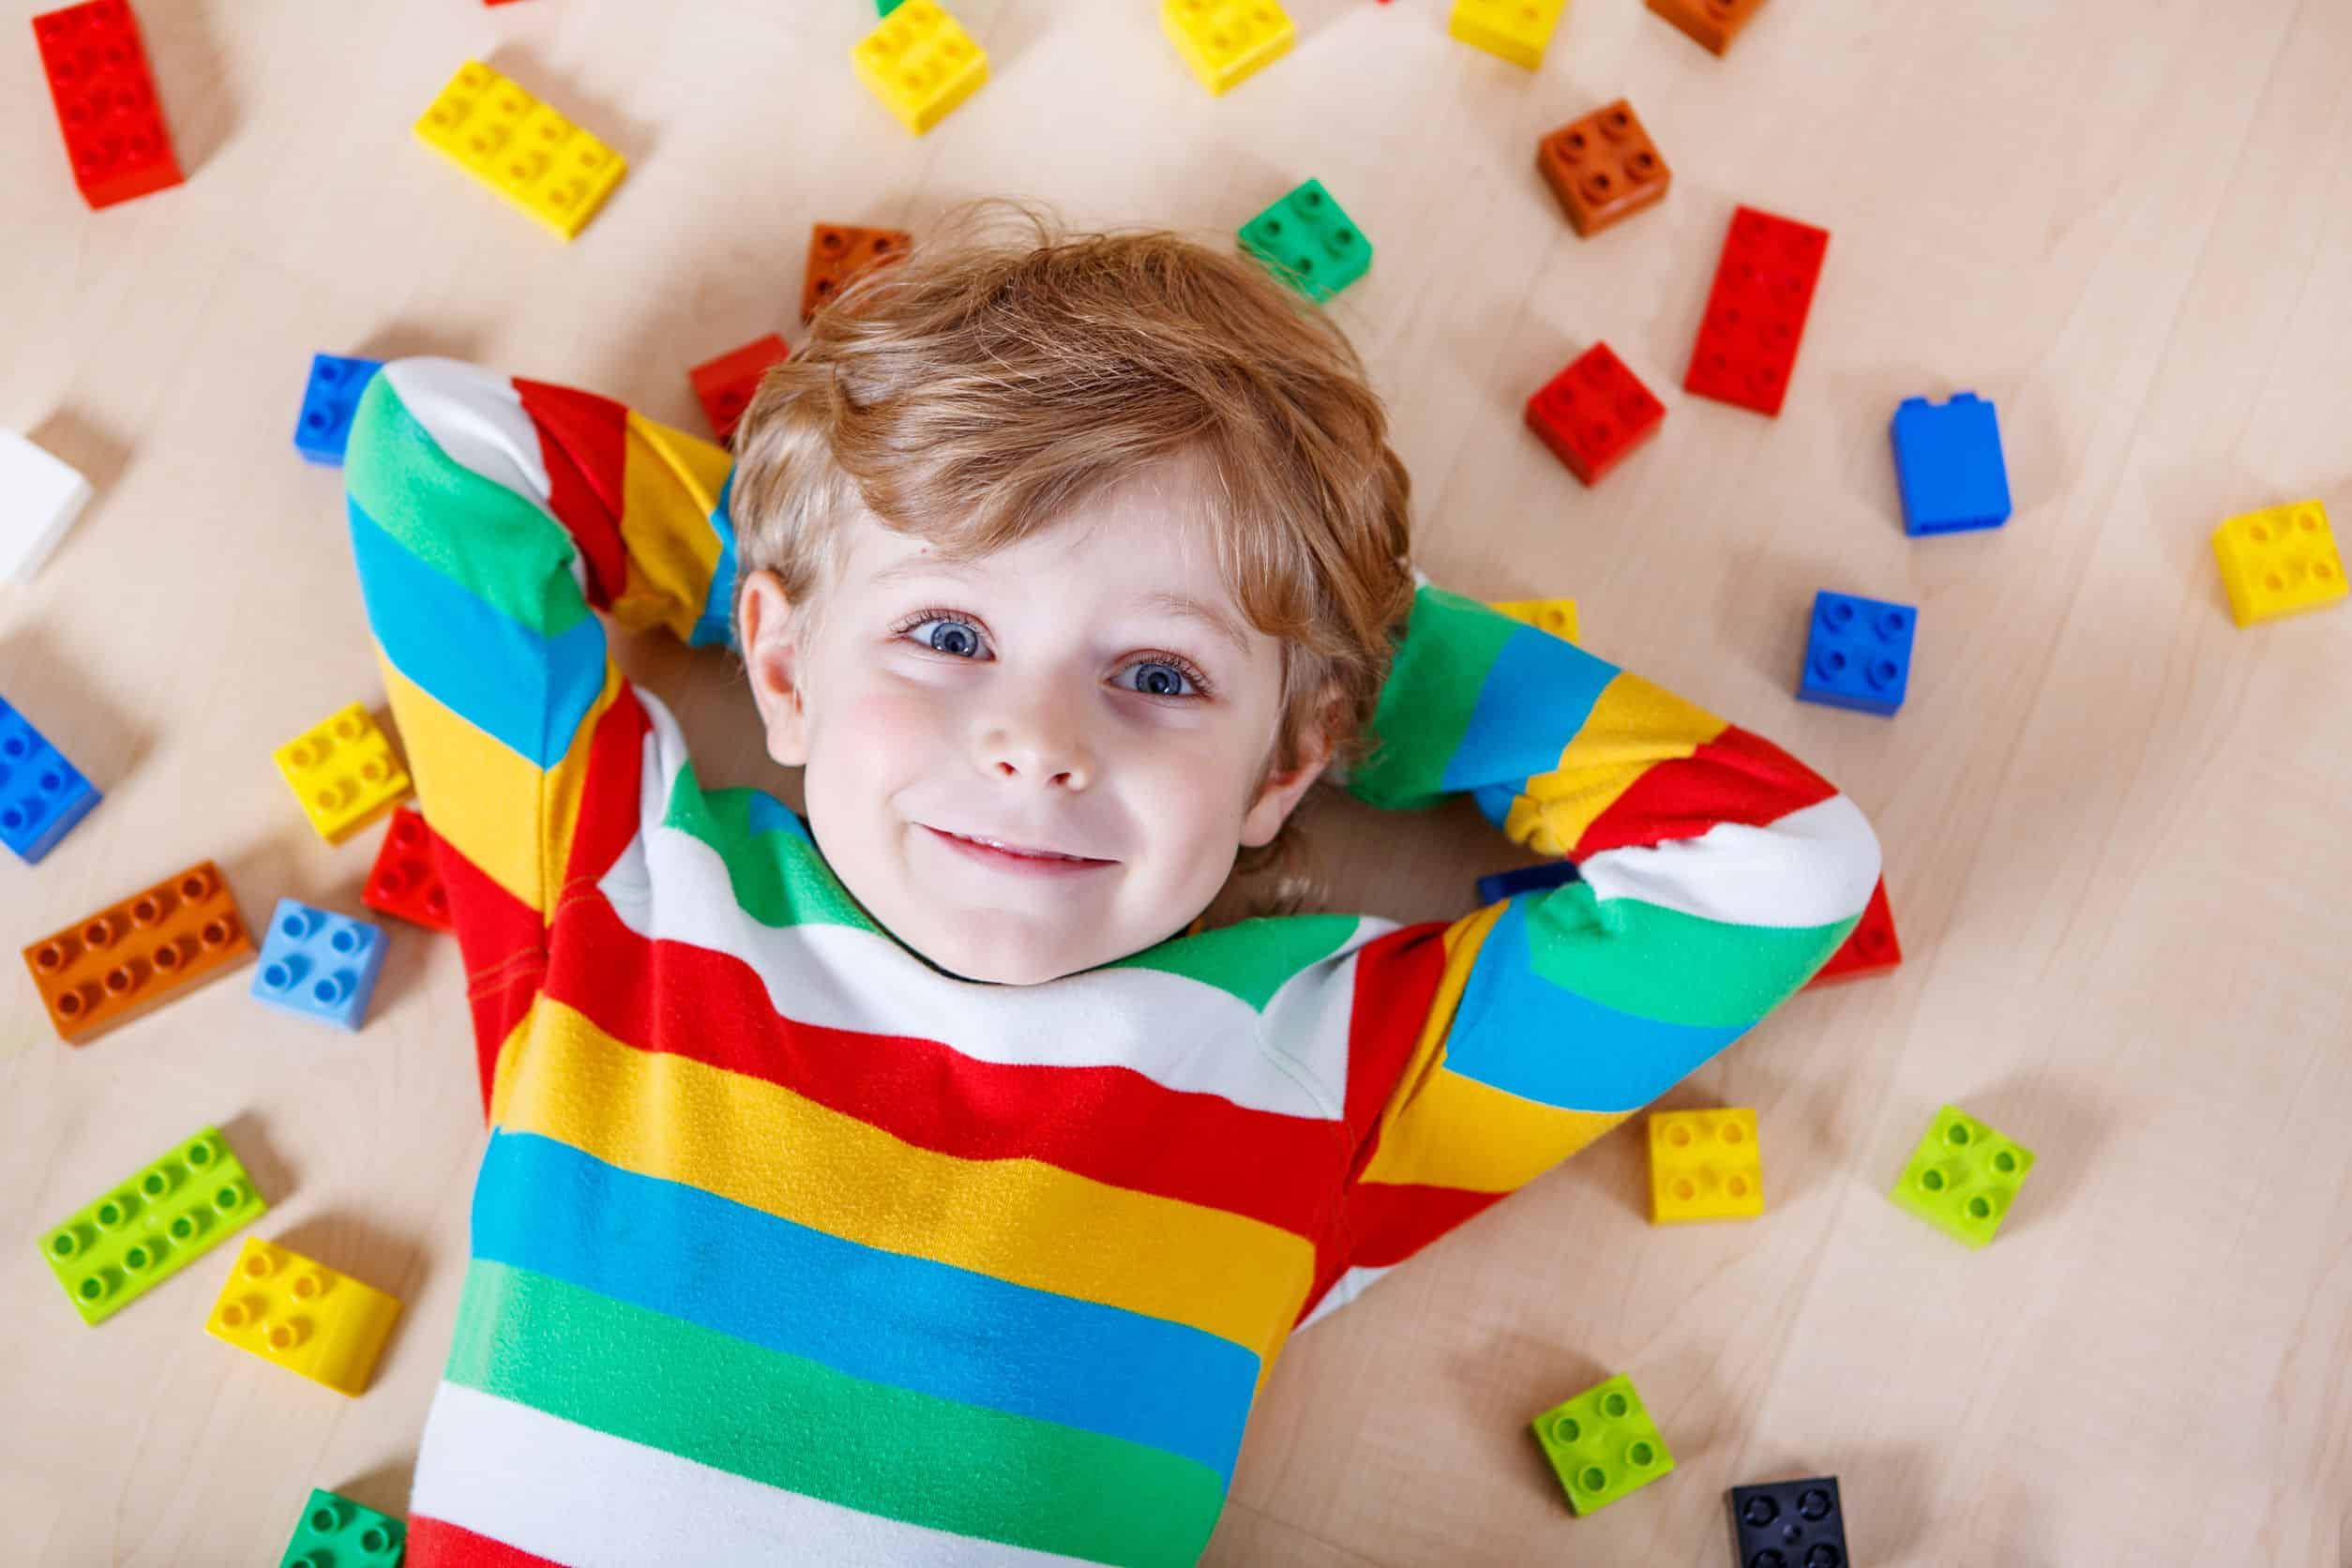 Juguetes para niños de tres años: ¿Cuál es el mejor del 2021?